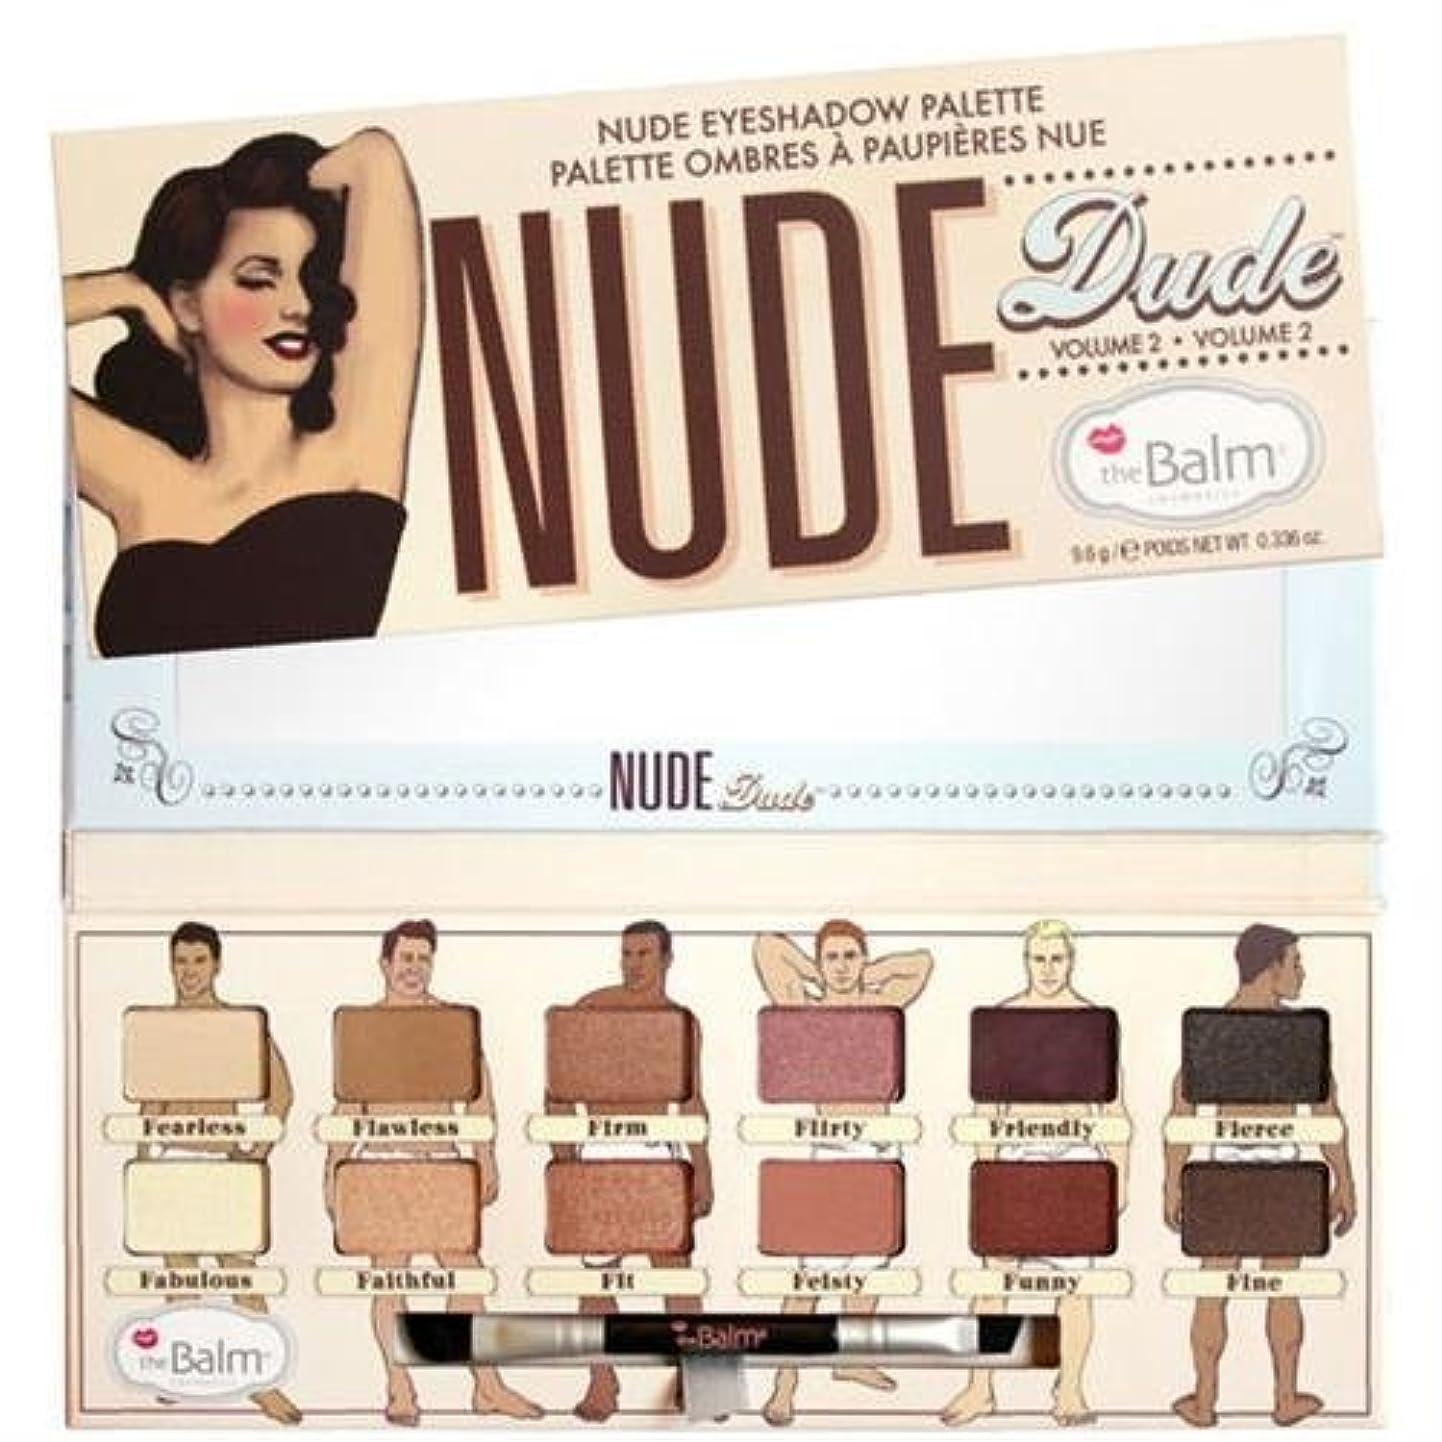 強盗人物マオリThebalm Nude Dude Nude Eyeshadow Palette (並行輸入品) [並行輸入品]